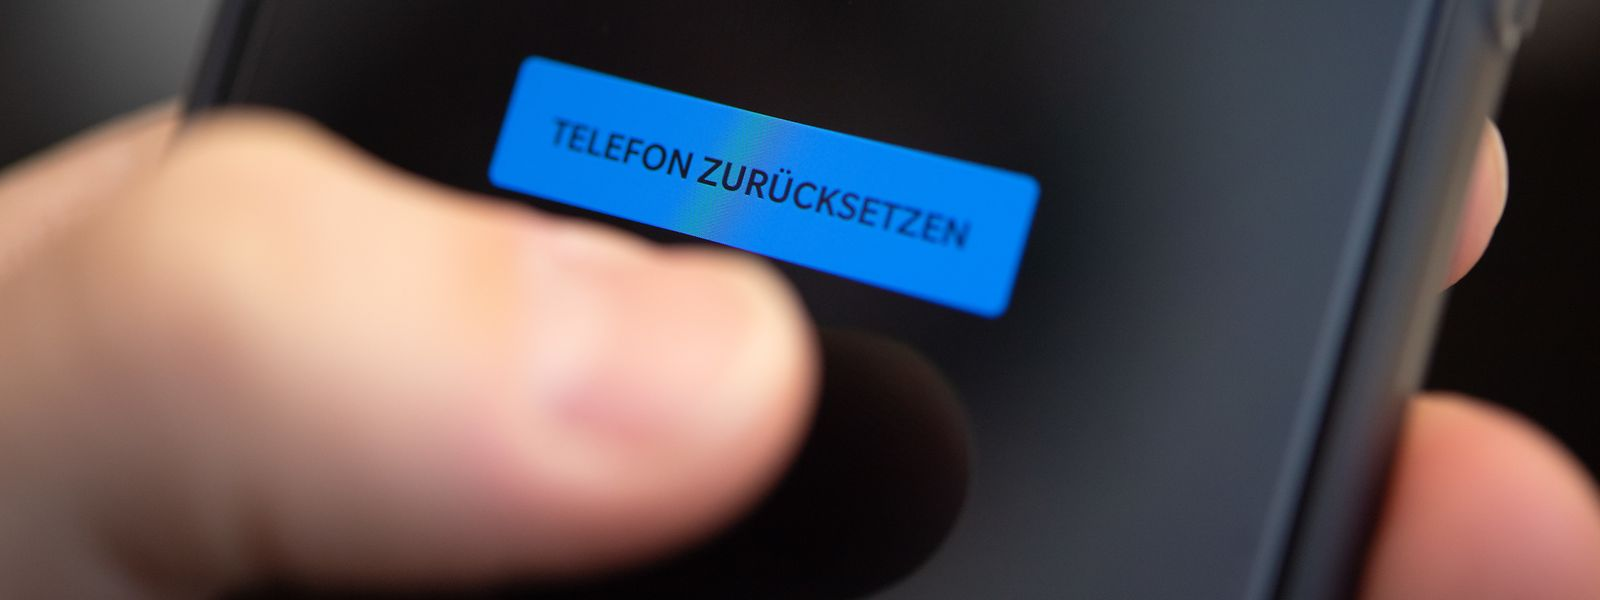 Viele Smartphones bieten in den Rücksetzoptionen gleich die Speicherlöschung mit an.